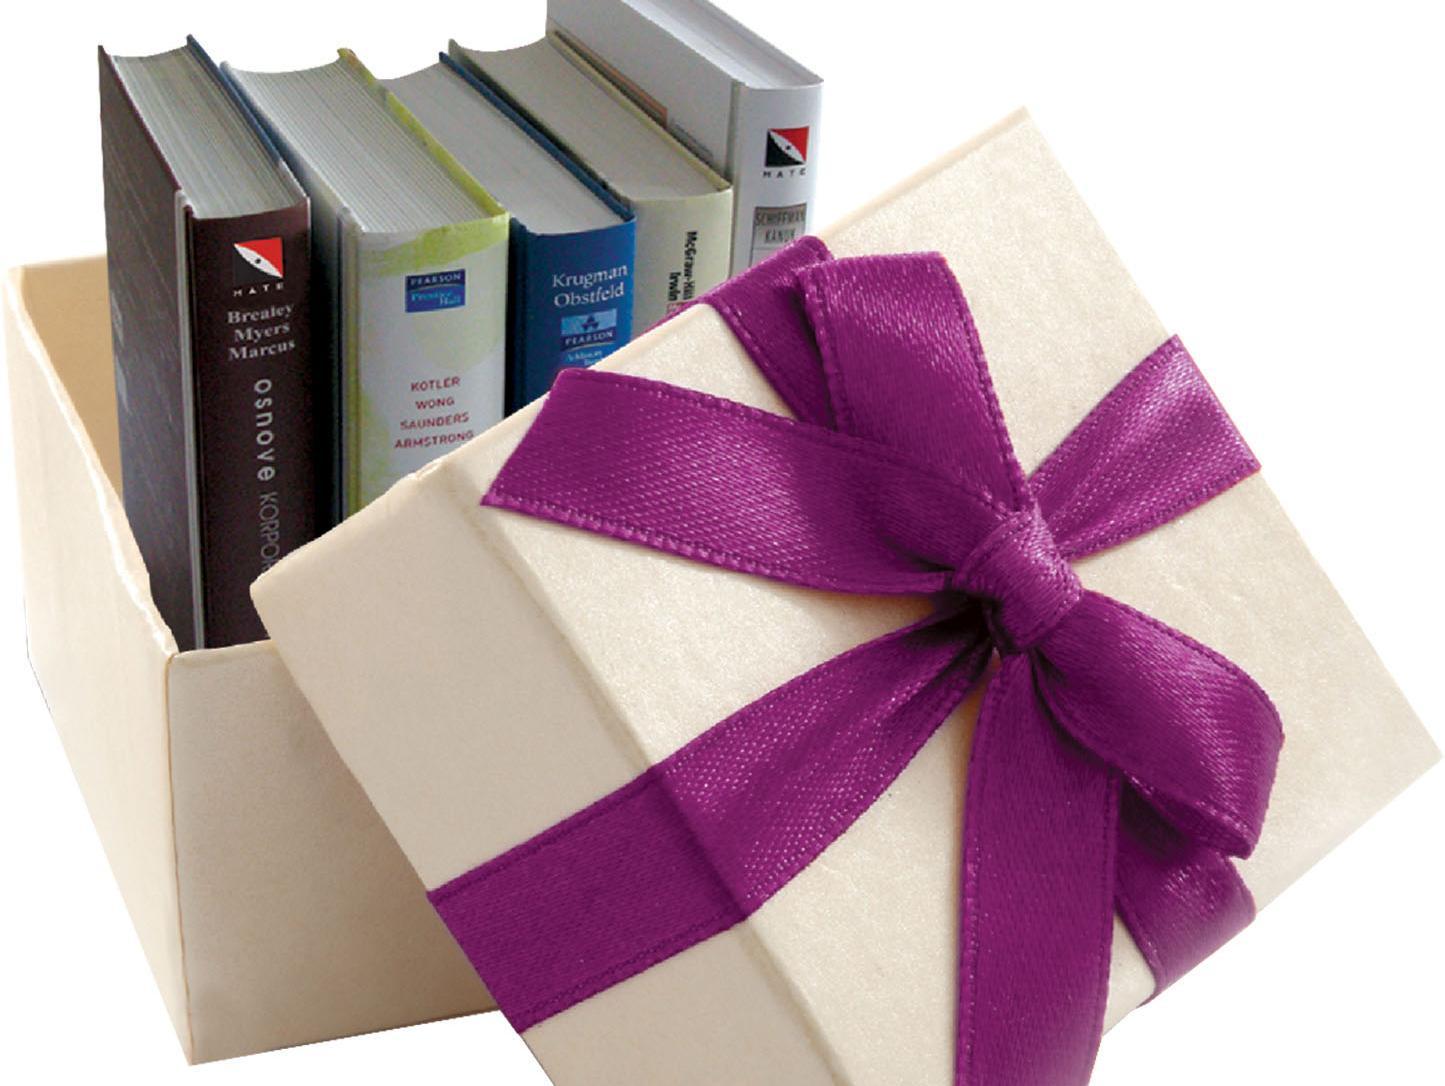 Knjiga kao idealan poklon za Novu godinu